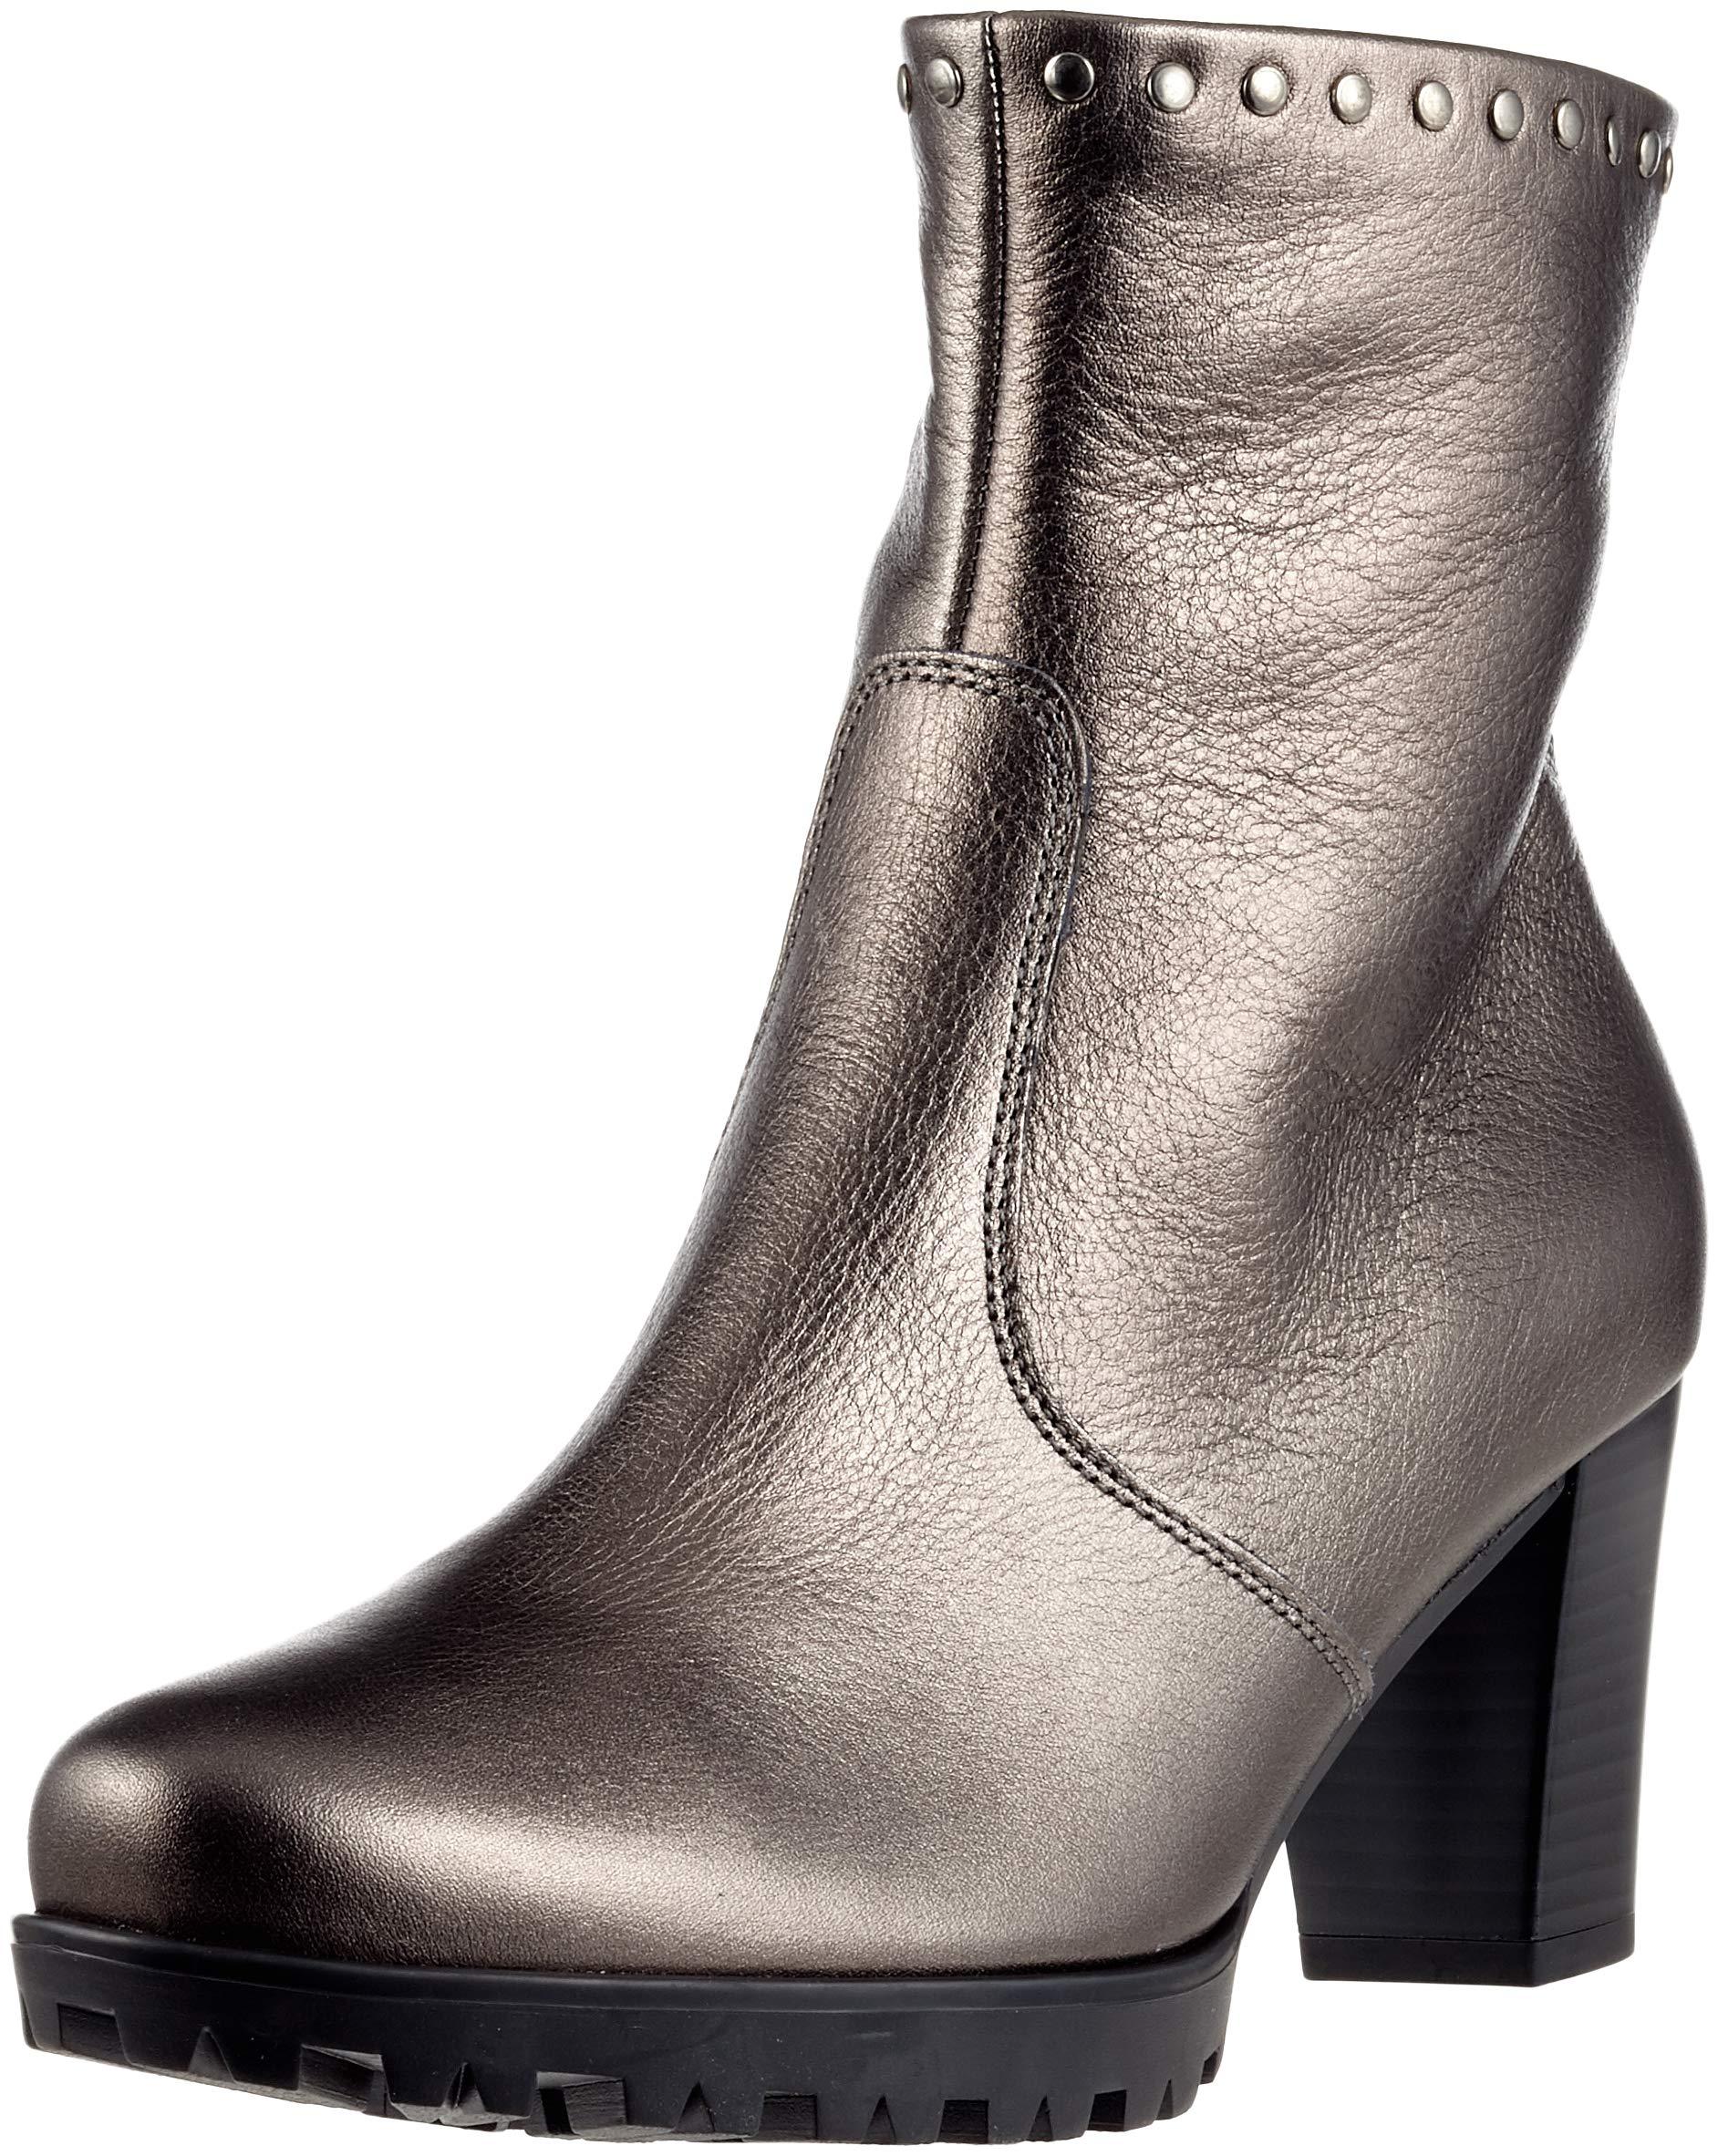 Comfort Shoes Eu FemmeGrisanthrniet micro1343 Gabor SportBotines kTPXOZiu